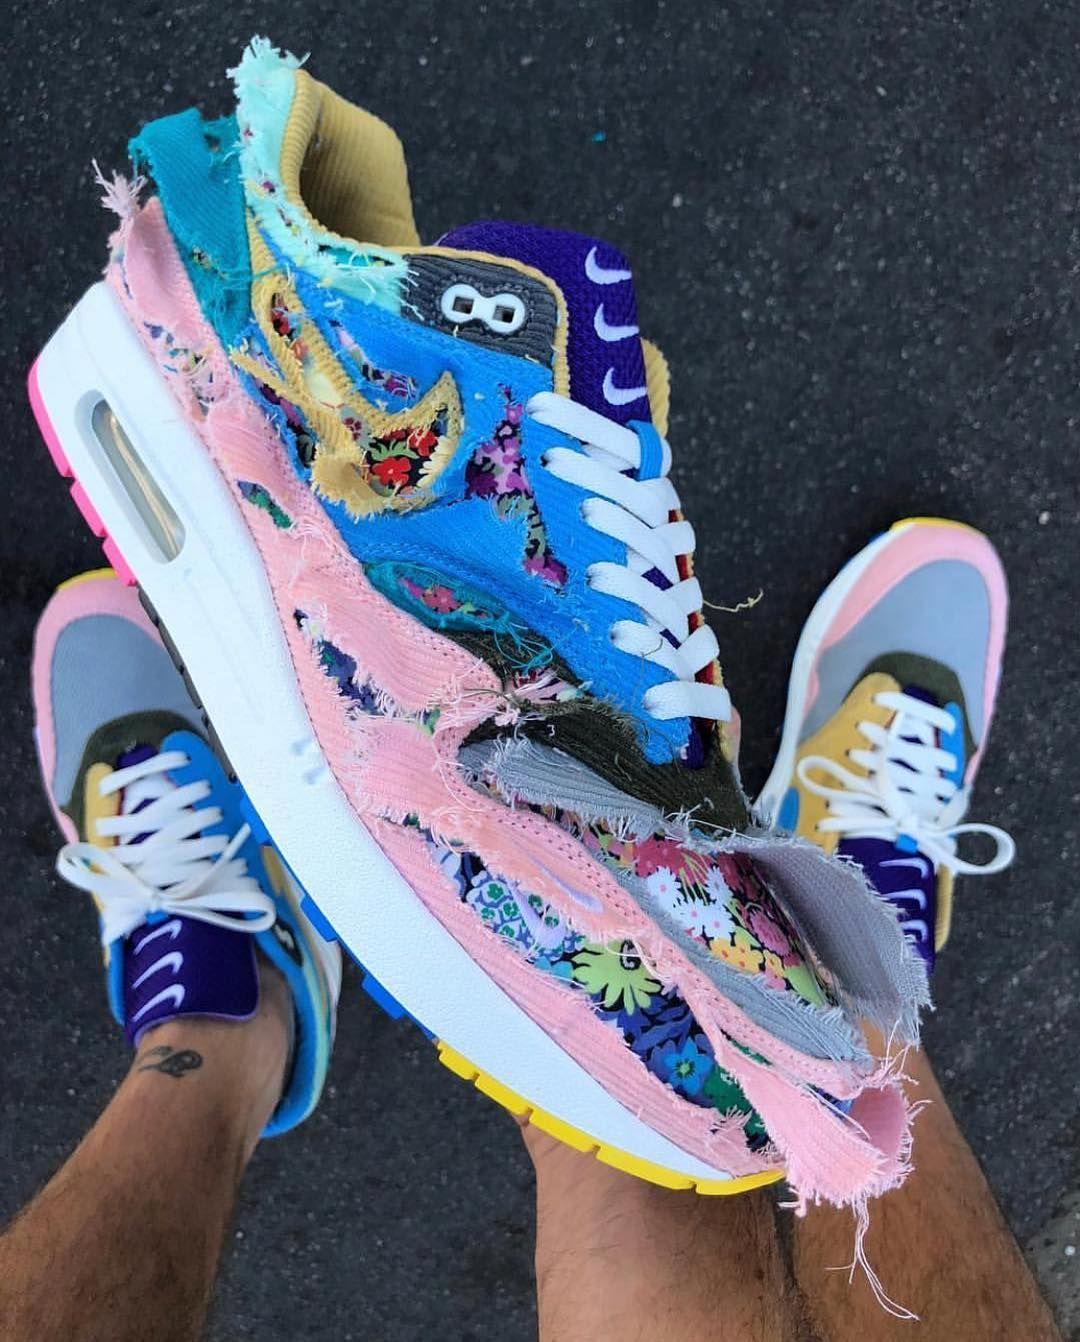 Pin by Sean Michael on Fresh kicks | Sneakers fashion, Nike